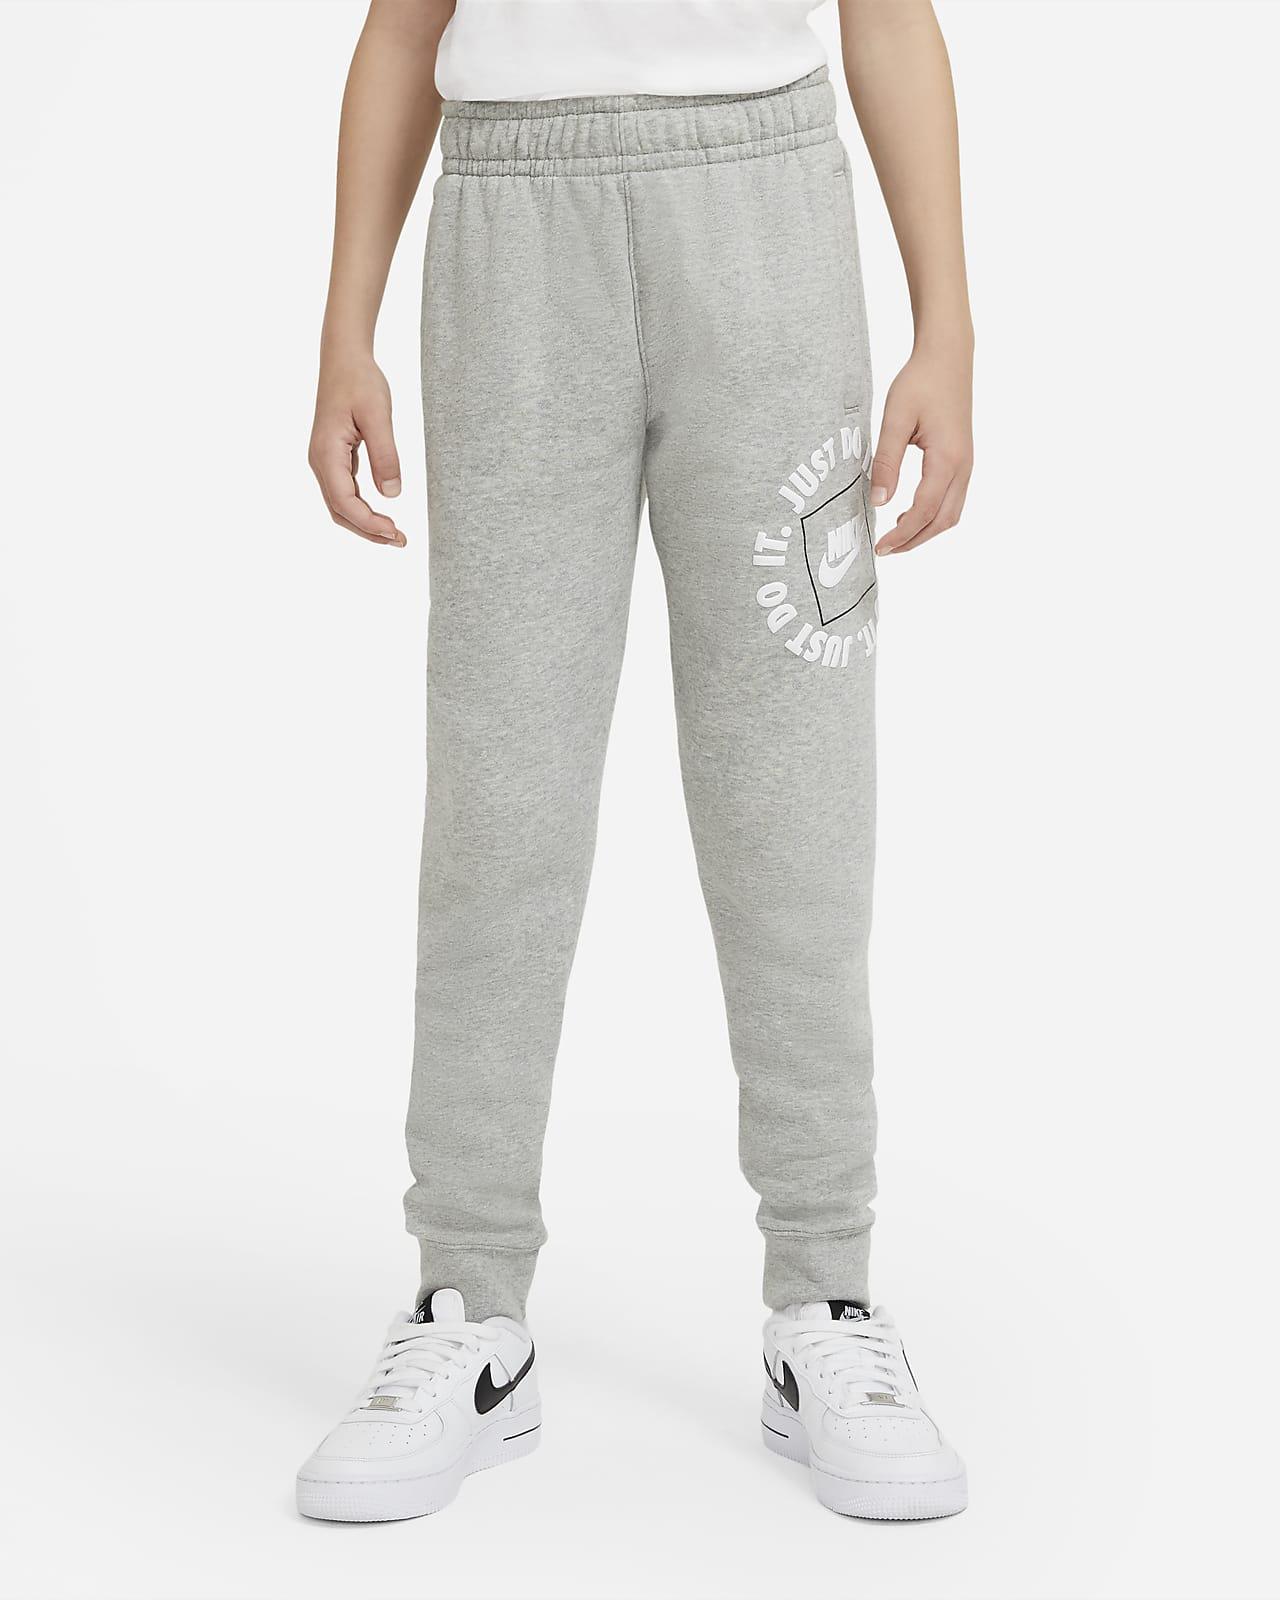 Nike Sportswear JDI Older Kids' (Boys') Trousers